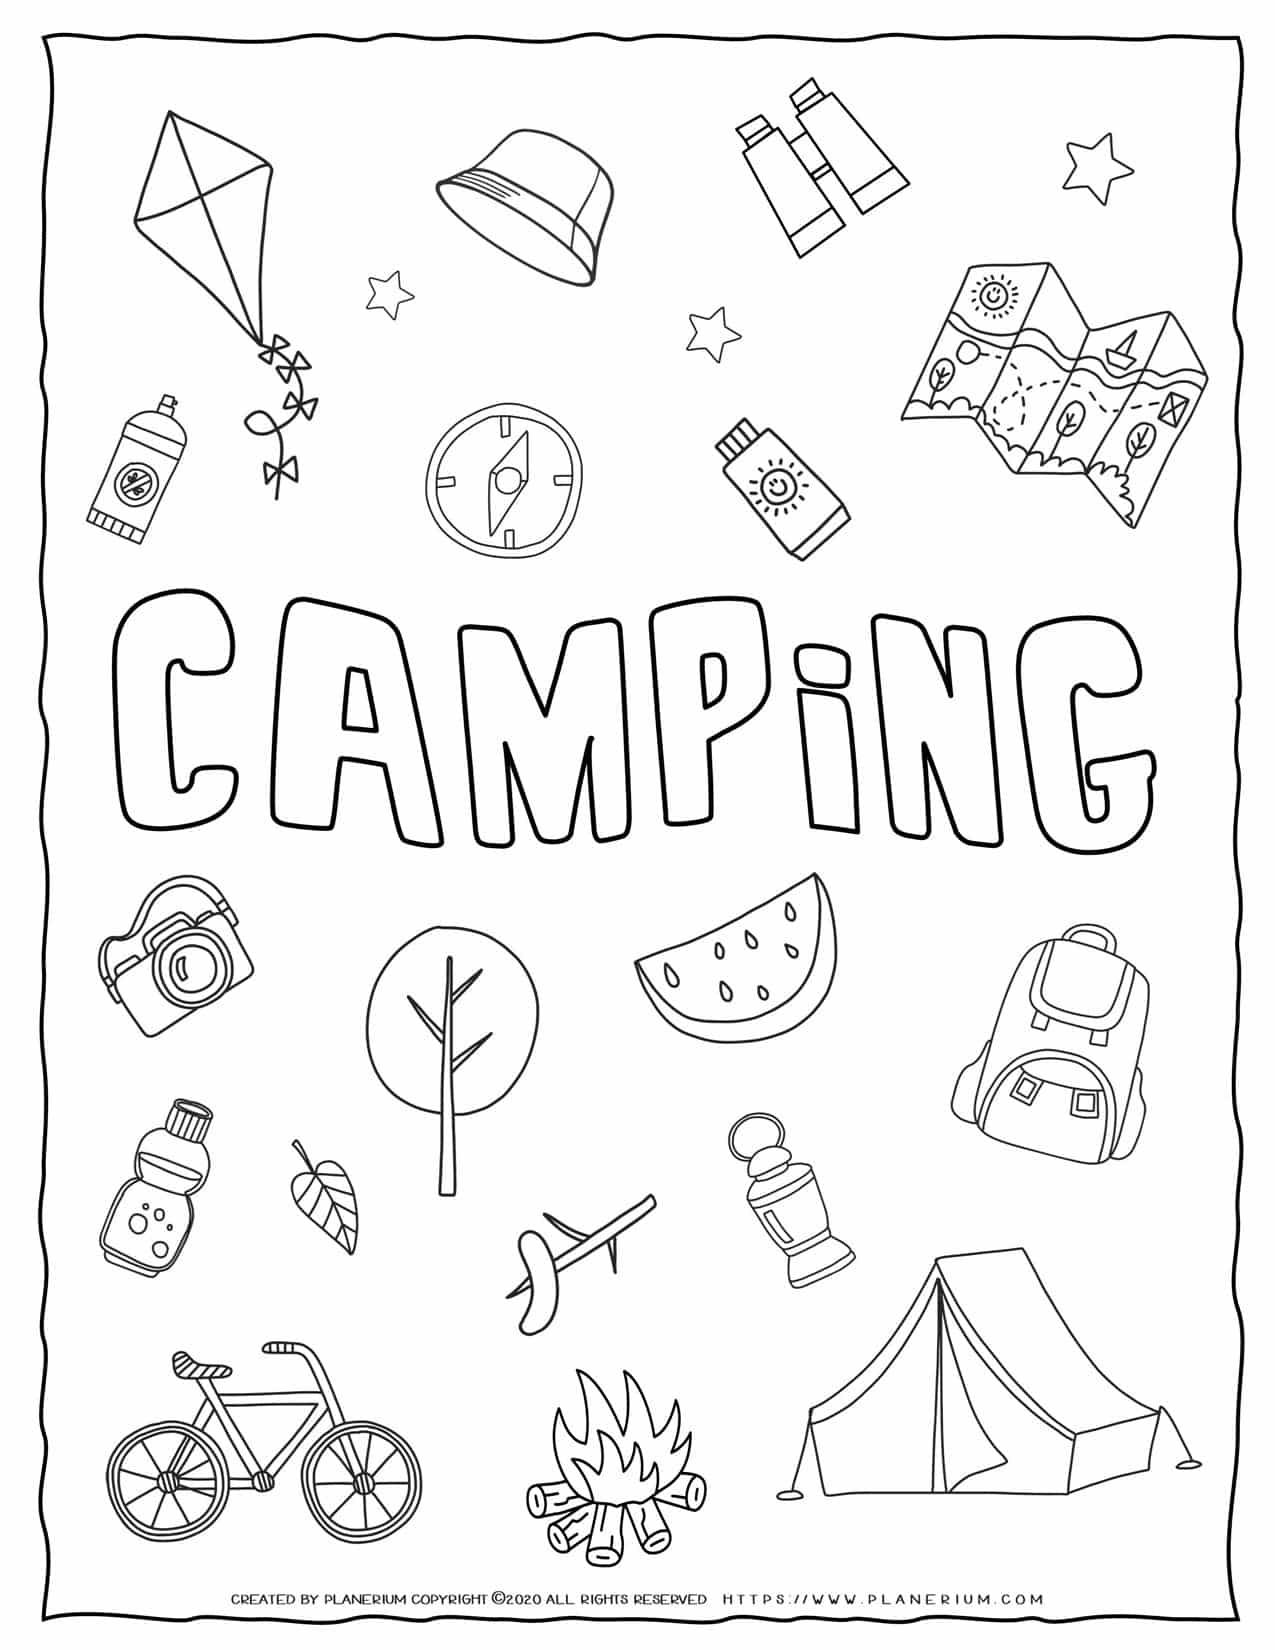 Camping Worksheet - Word Scramble | Planerium